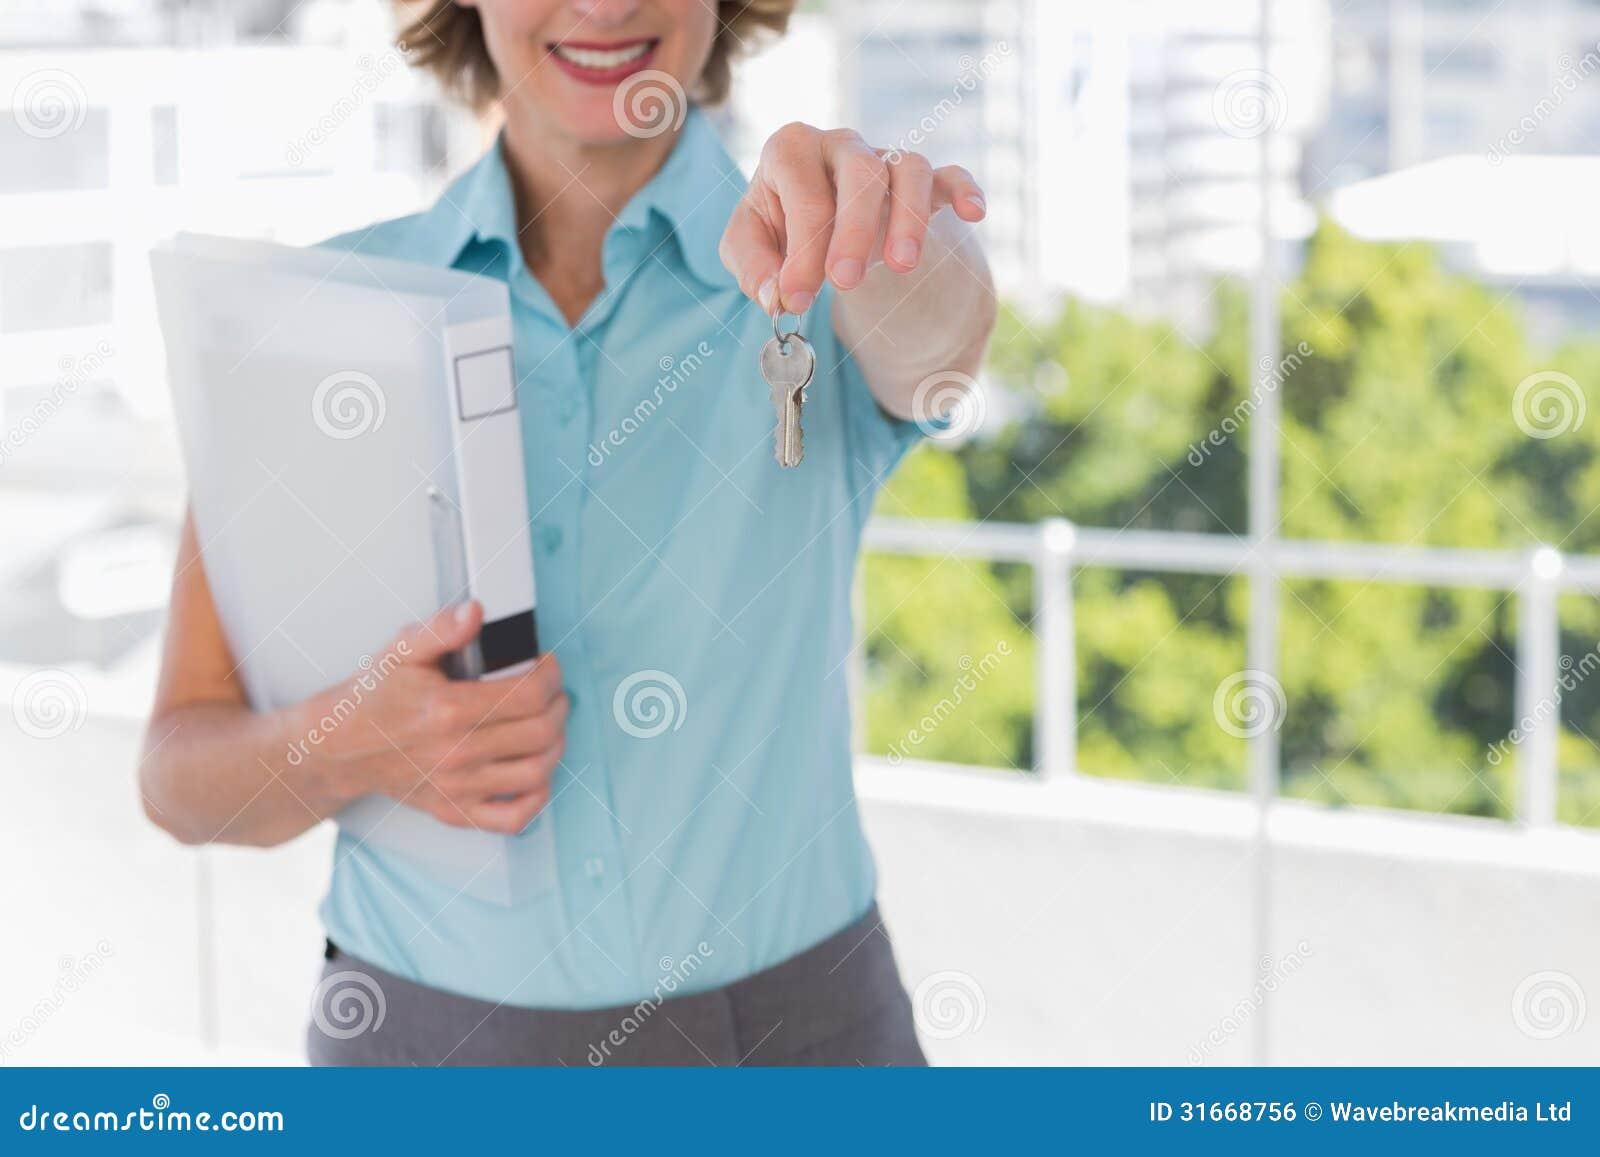 Агент по продаже недвижимости показывая ключи дома